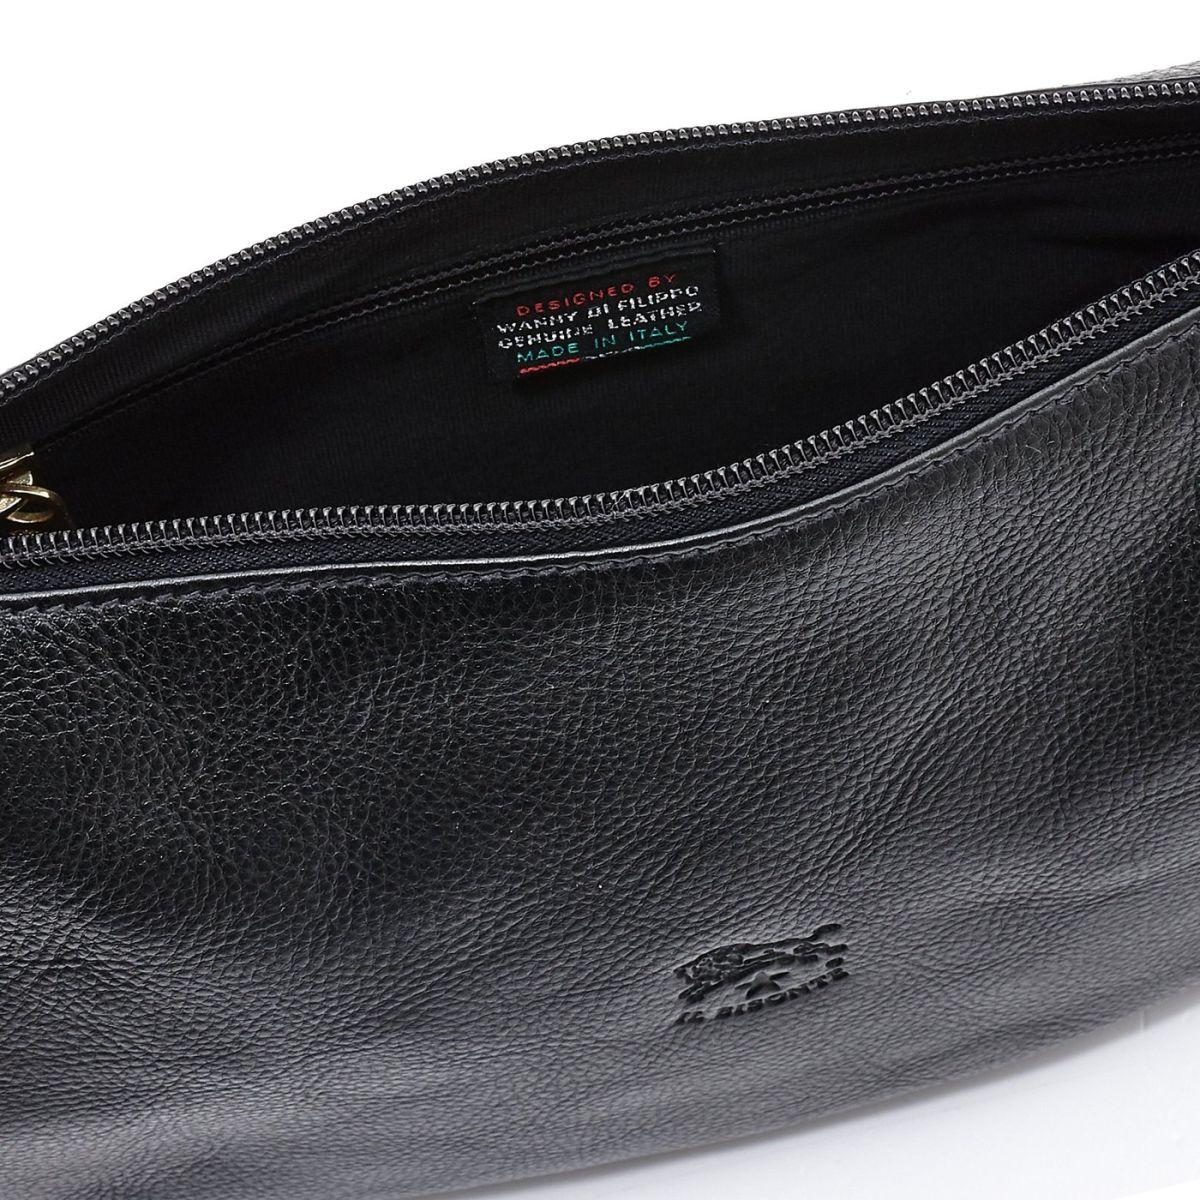 Sac Bandouliere pour Femme en Cuir De Vachette Doublé BCR021 couleur Noir | Details